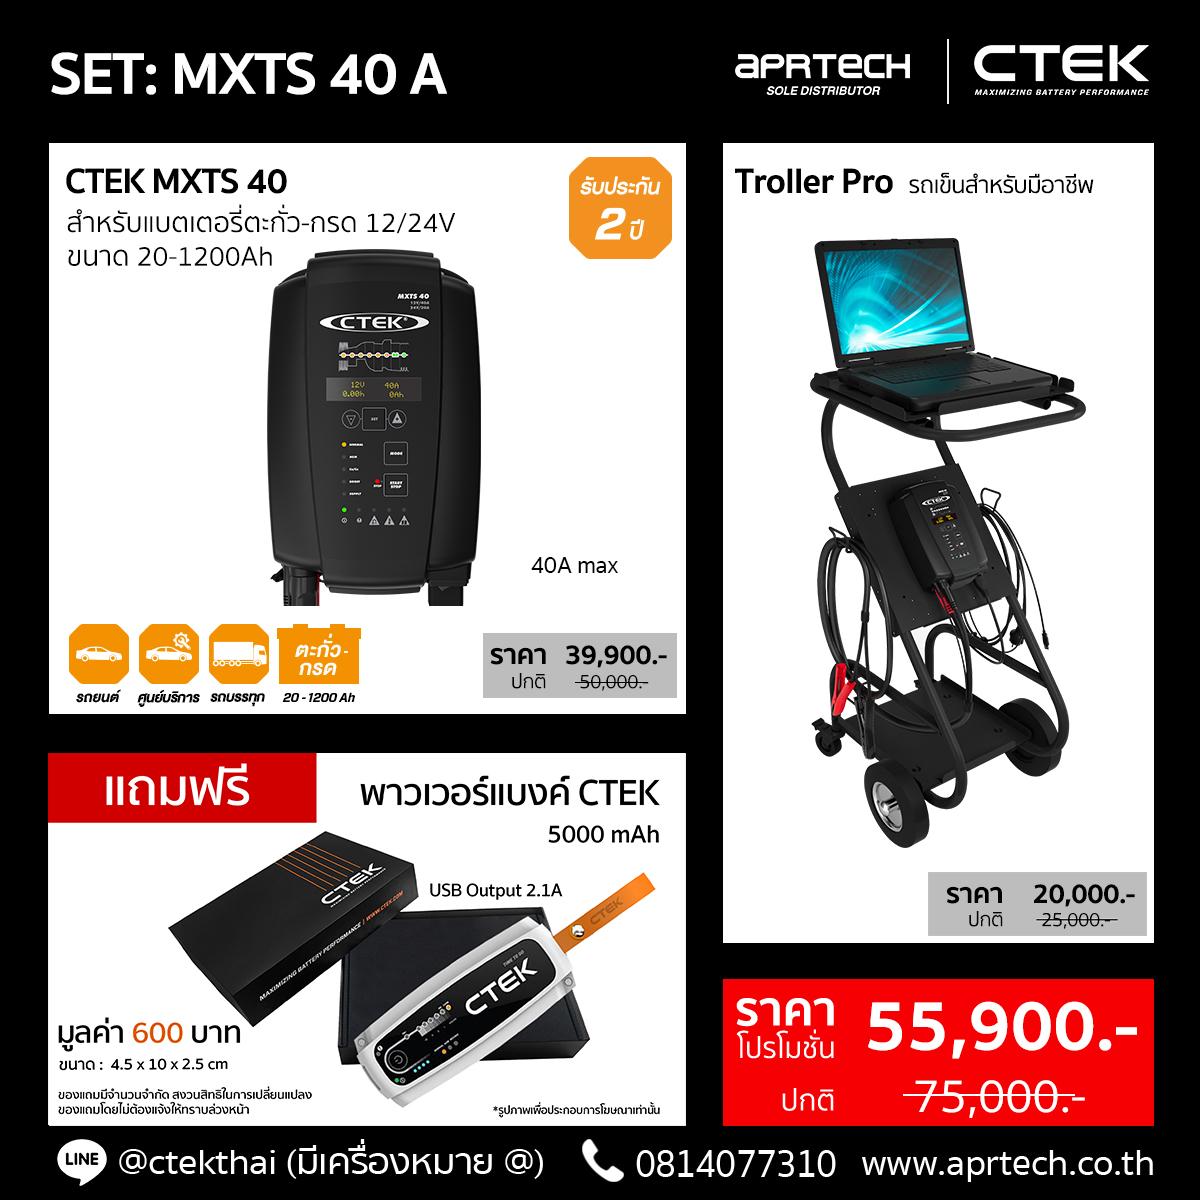 SET MXTS 40 A (CTEK MXTS 40 + Trolley Pro)